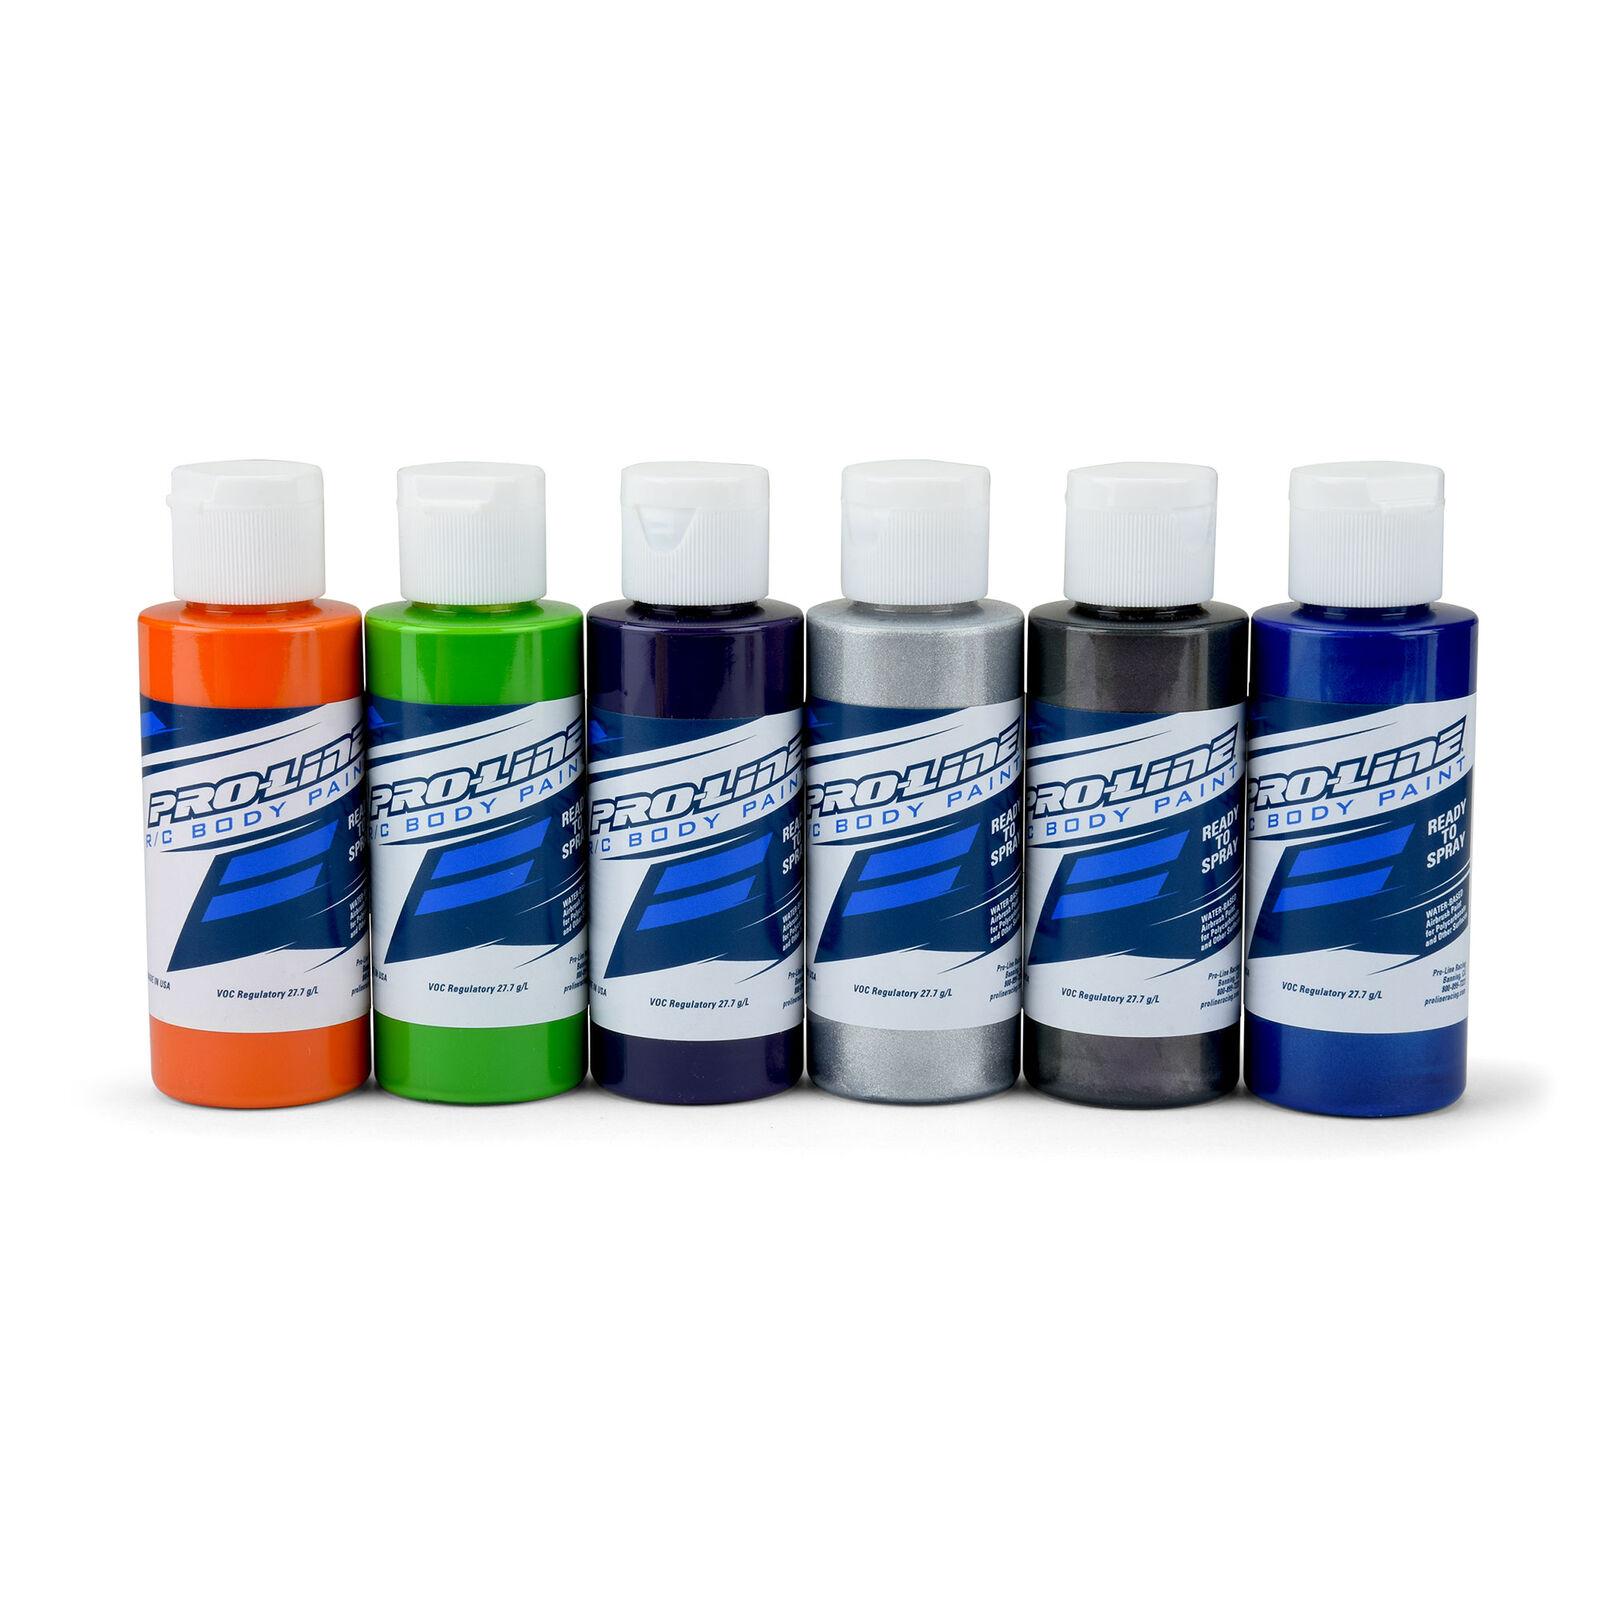 RC Paint Secondary Colors, Orange/Green/Purple/Alum/Charc/Pearl Blue